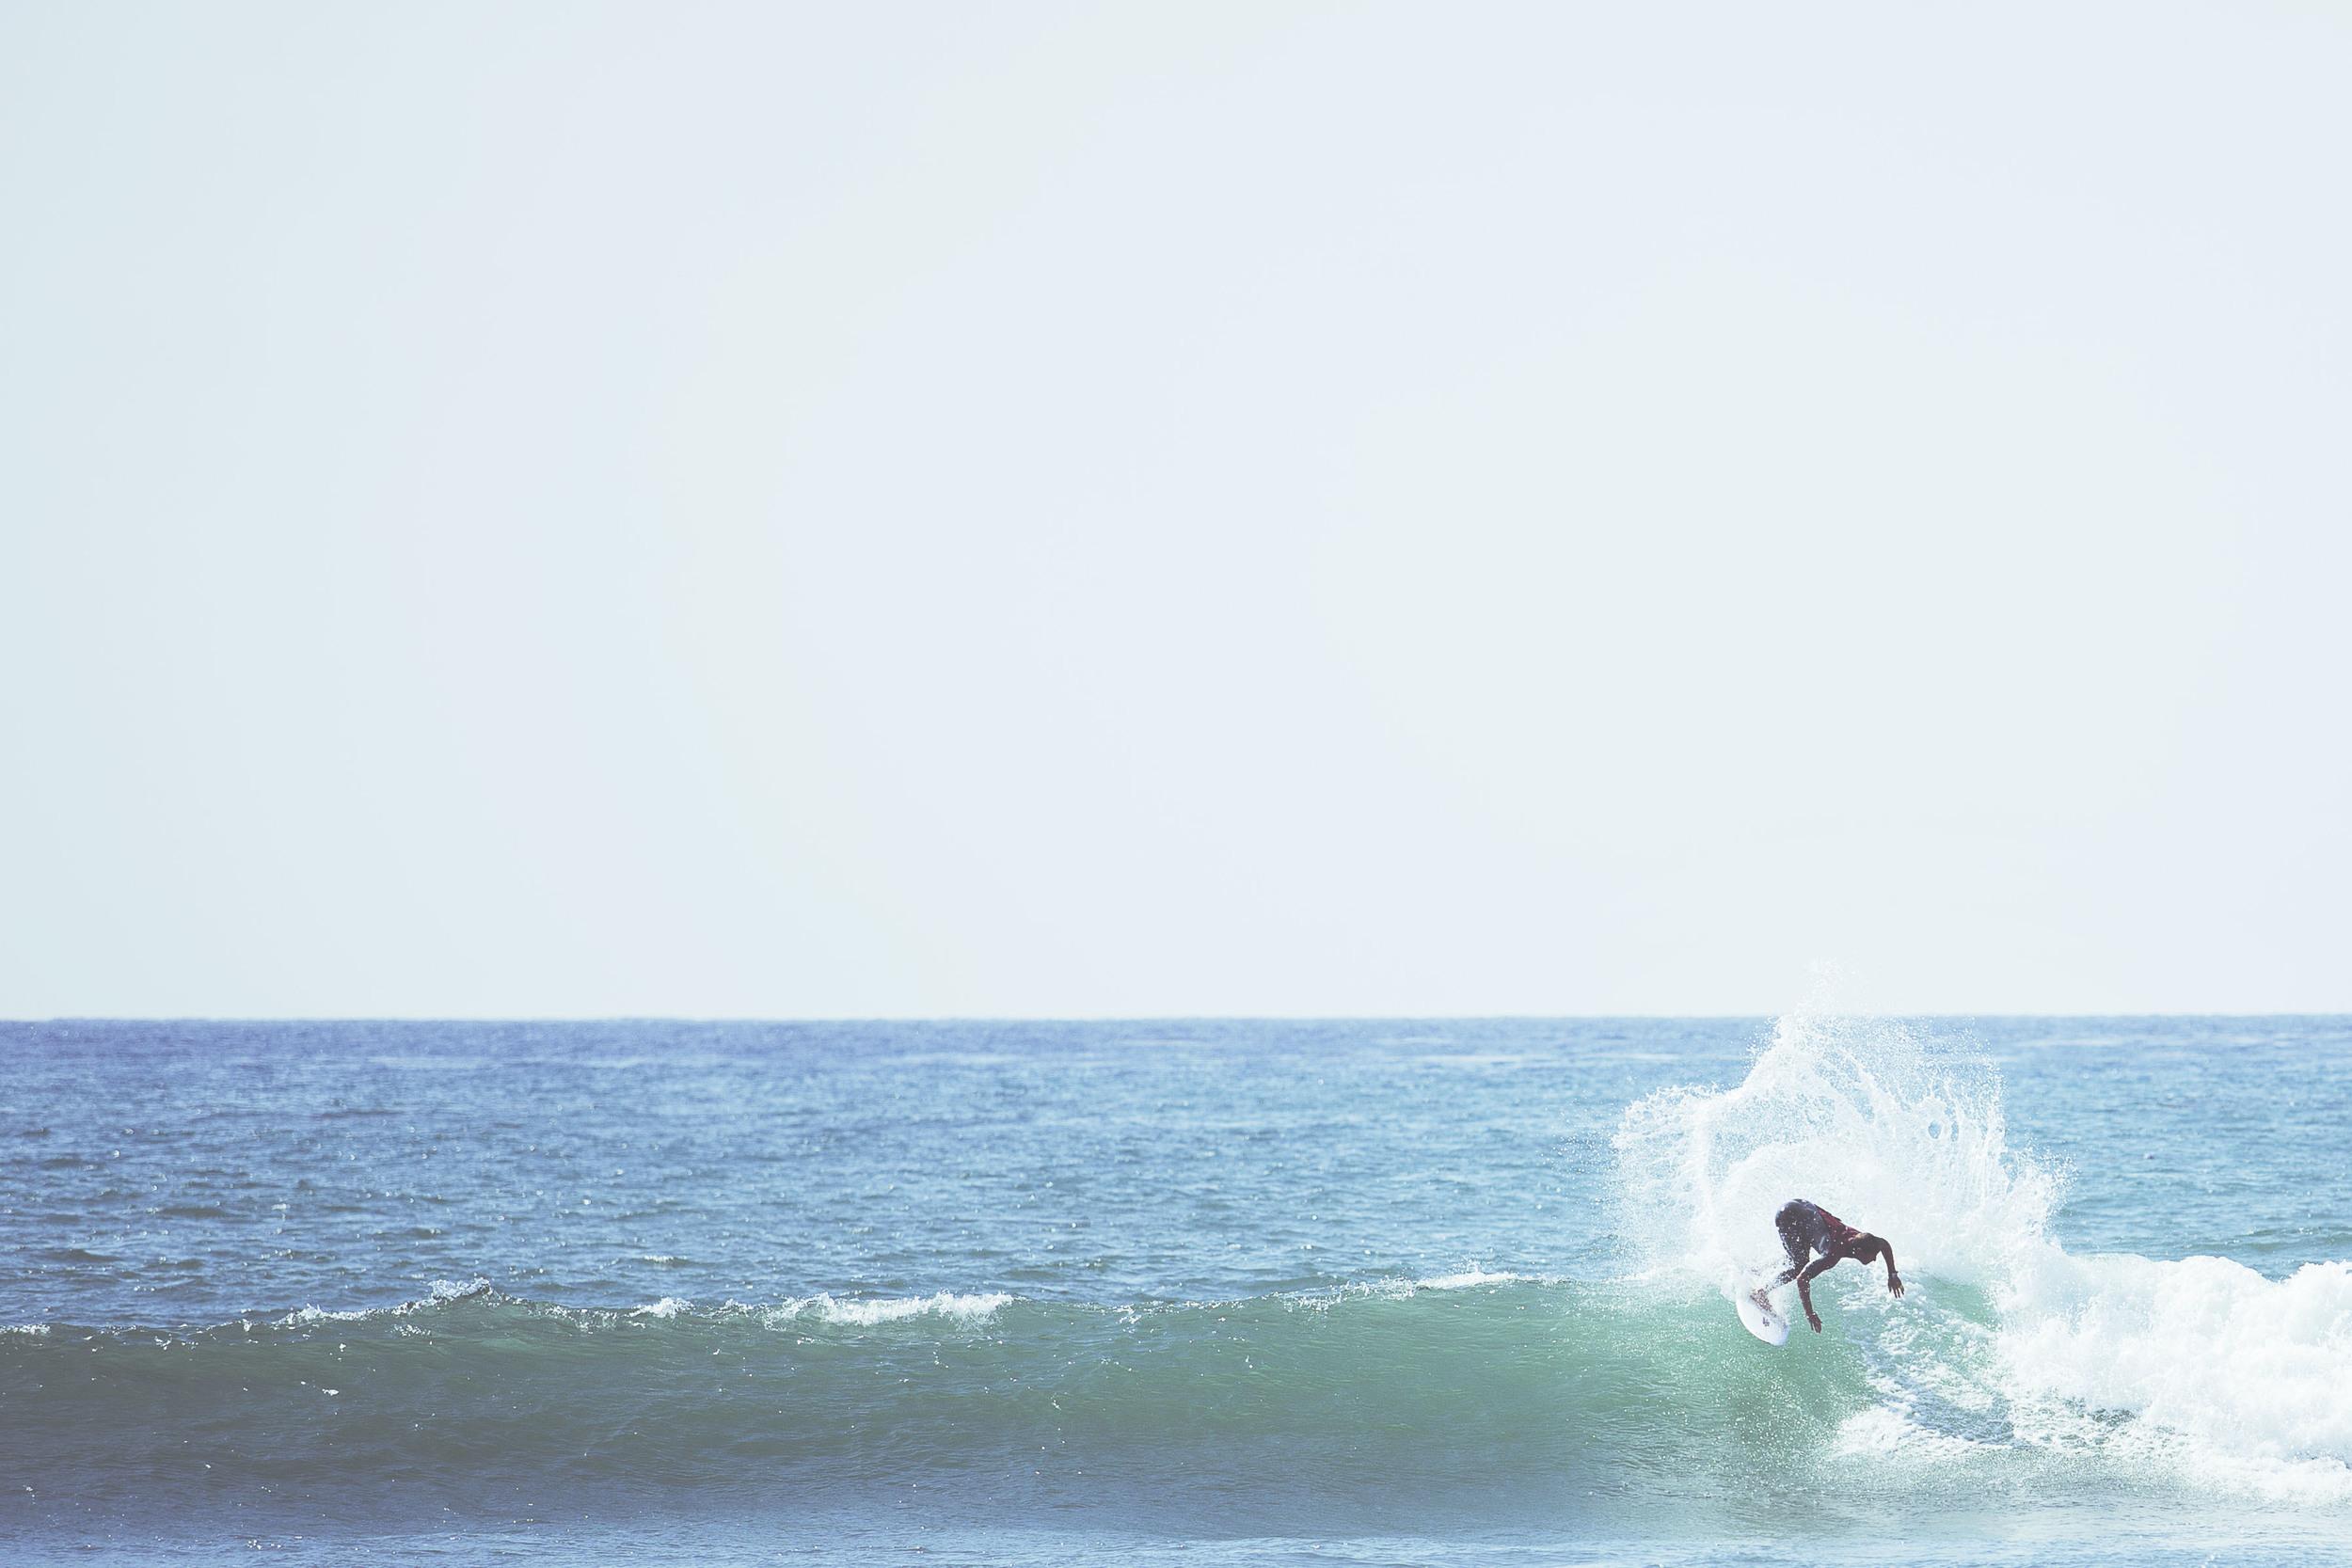 Pro surfer Ricky Schaffer